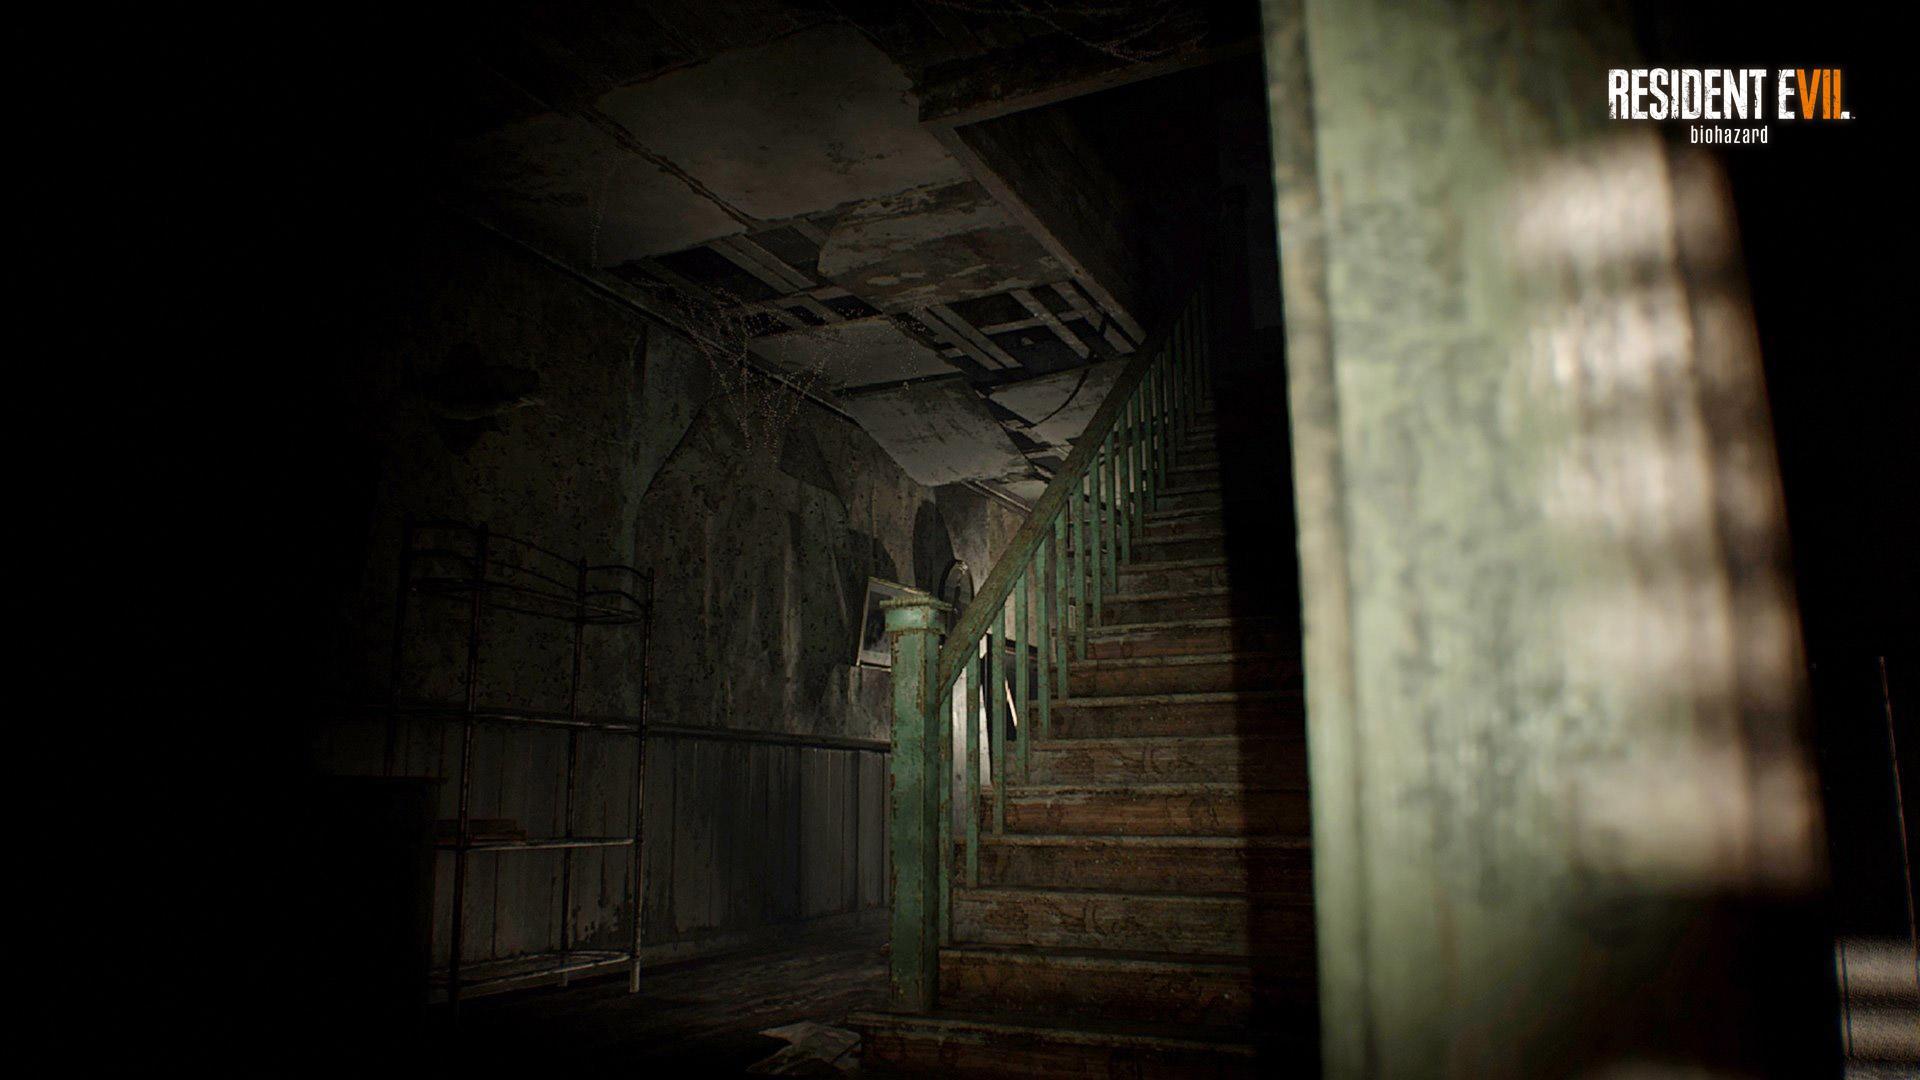 Resident Evil 7 wallpaper 2